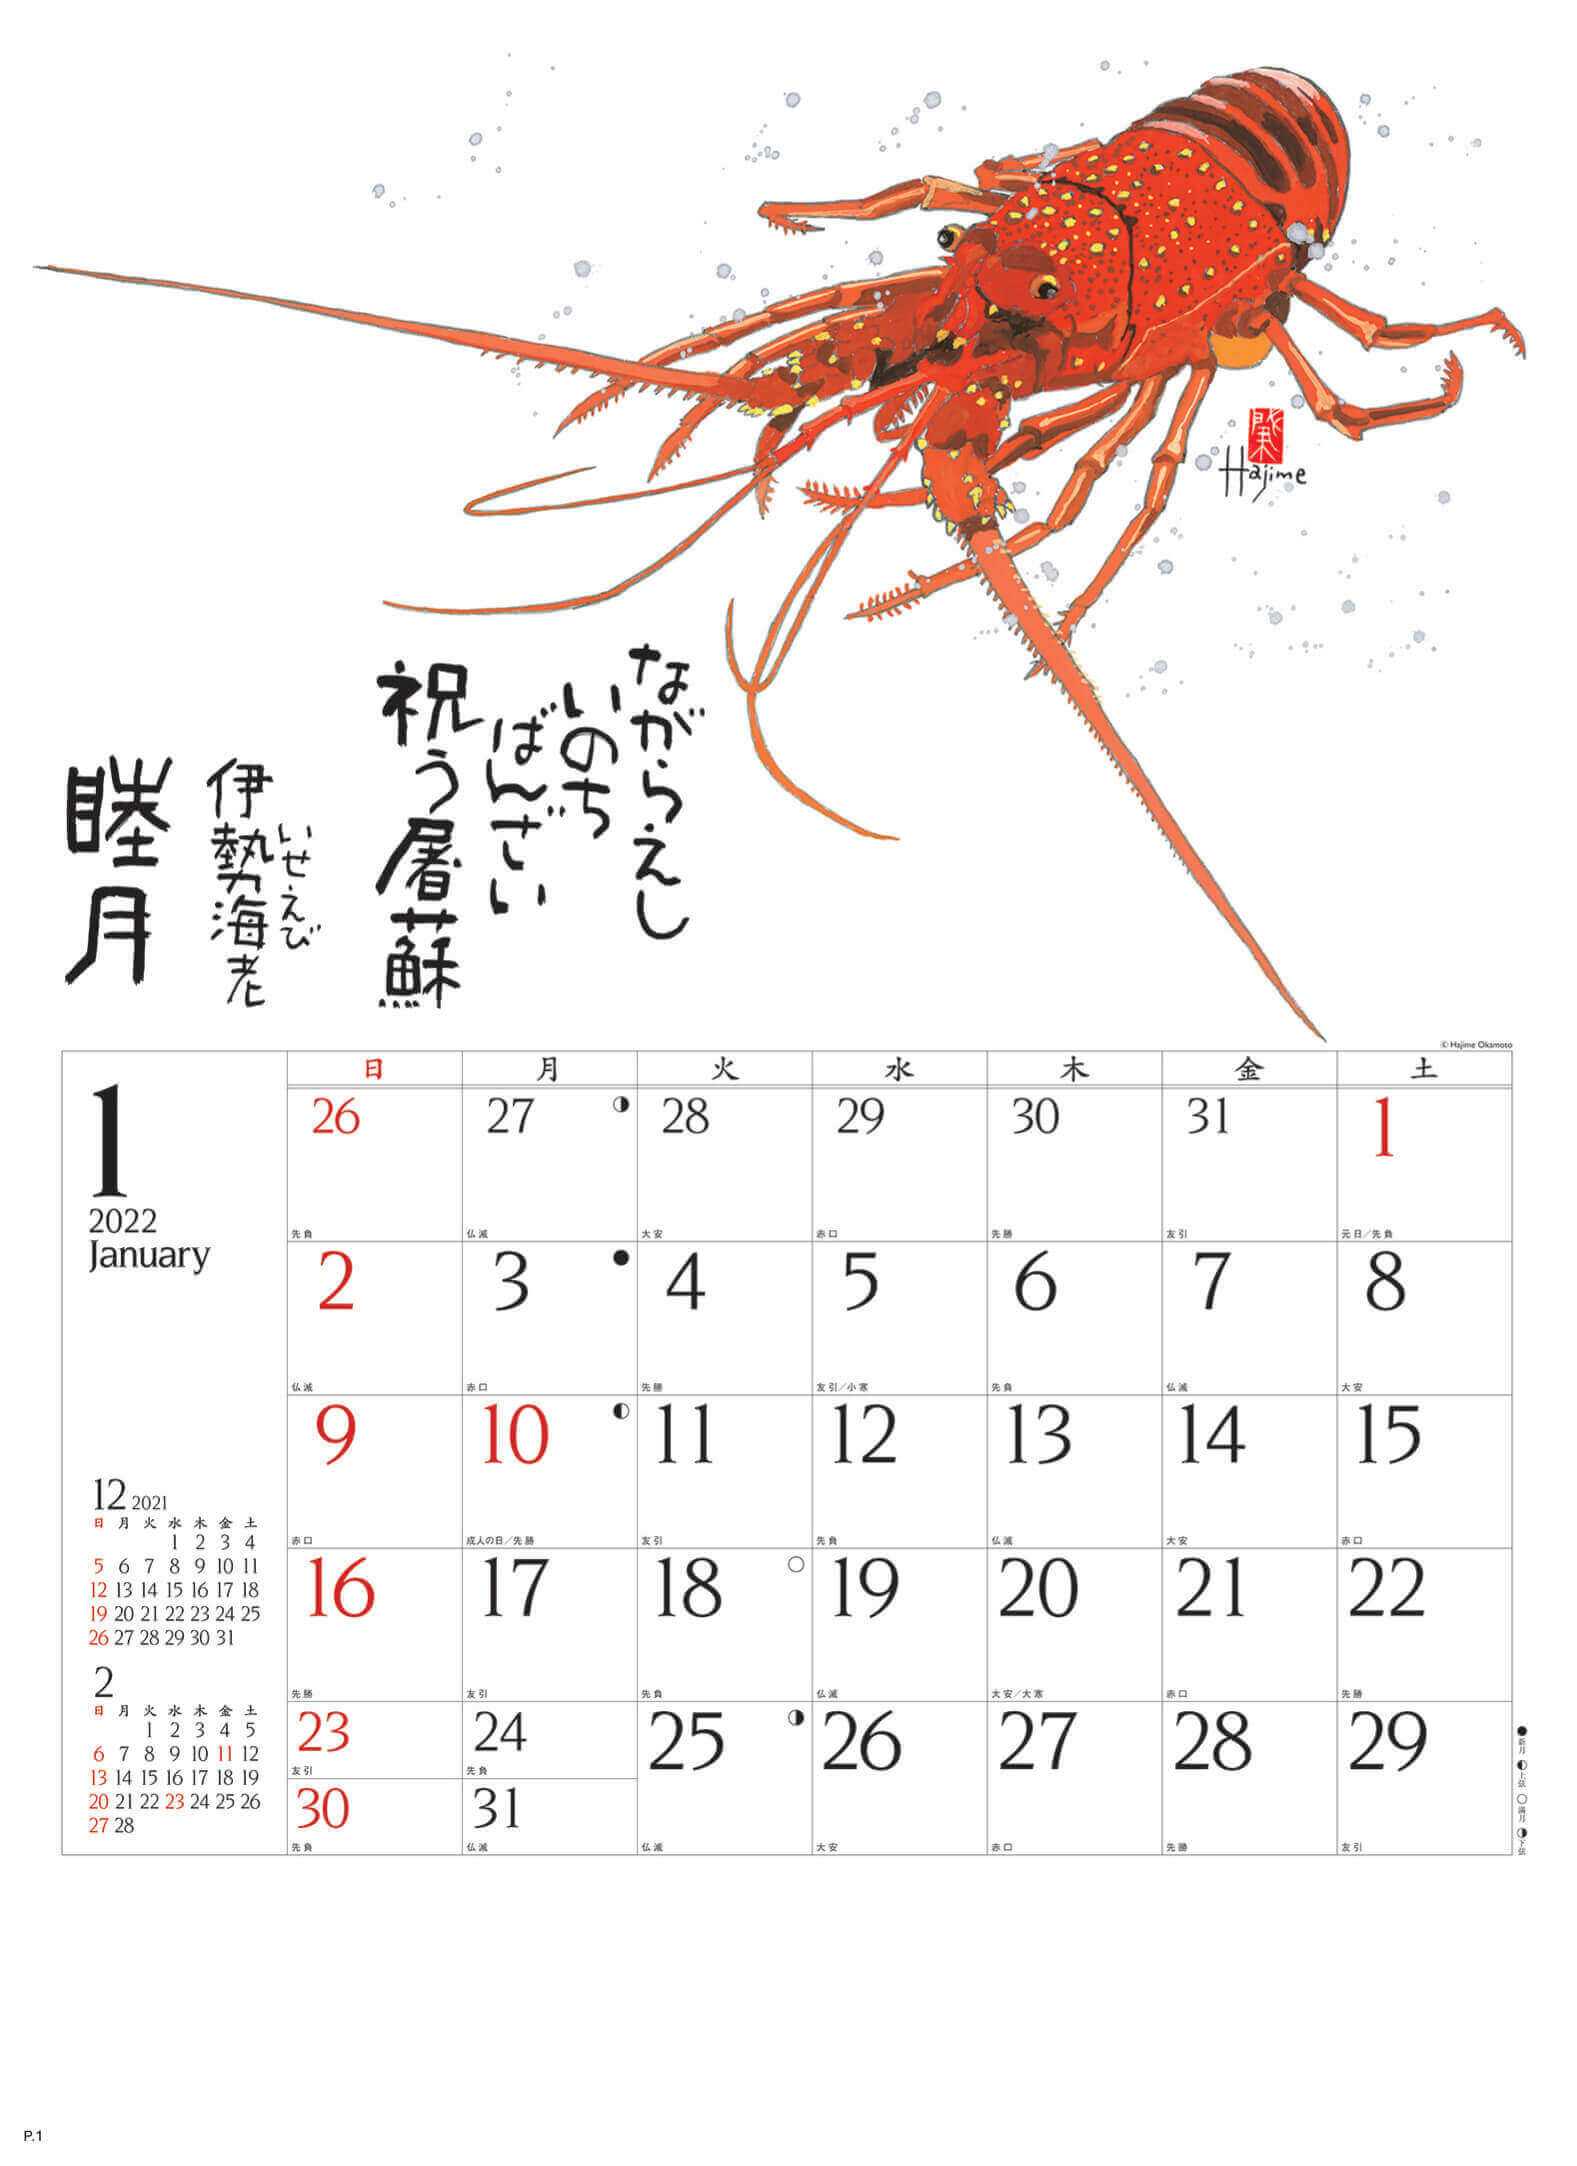 1月 イセエビ 魚彩時記 -岡本肇- 2022年カレンダーの画像